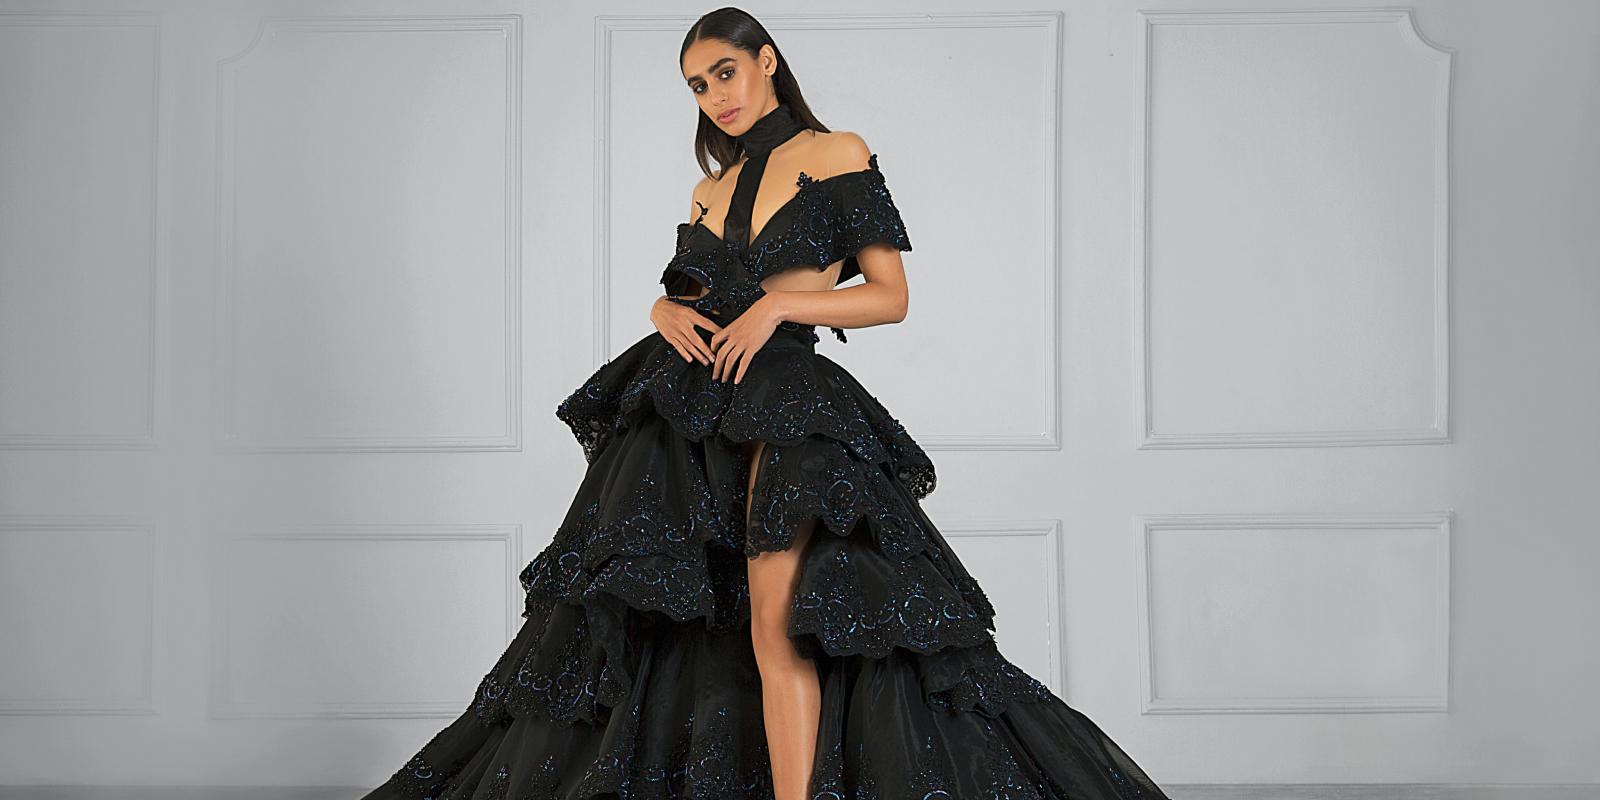 Вечерние платья — модные тренды сезона 2021—2022